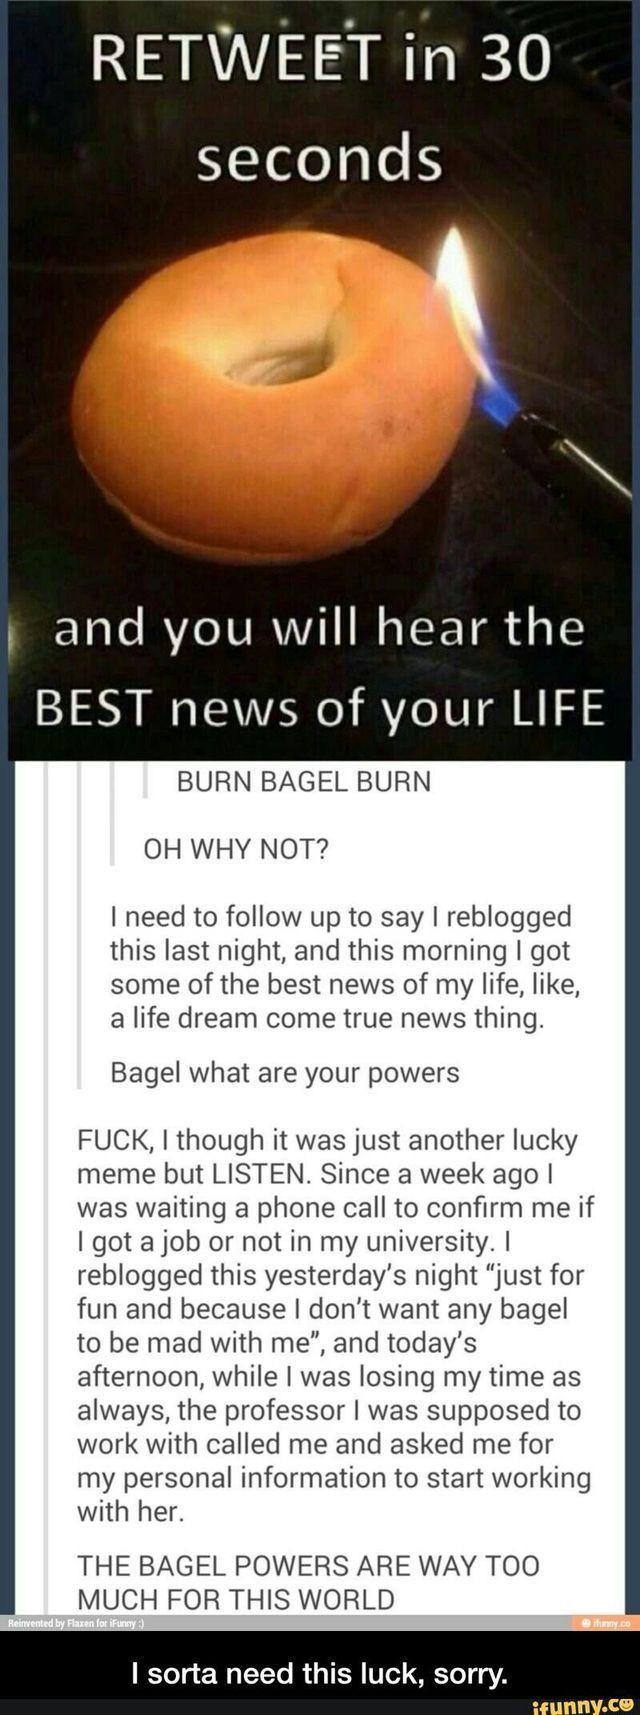 Eh, why not. BURN BAGEL BURN! Maybe I'll get a bagel?